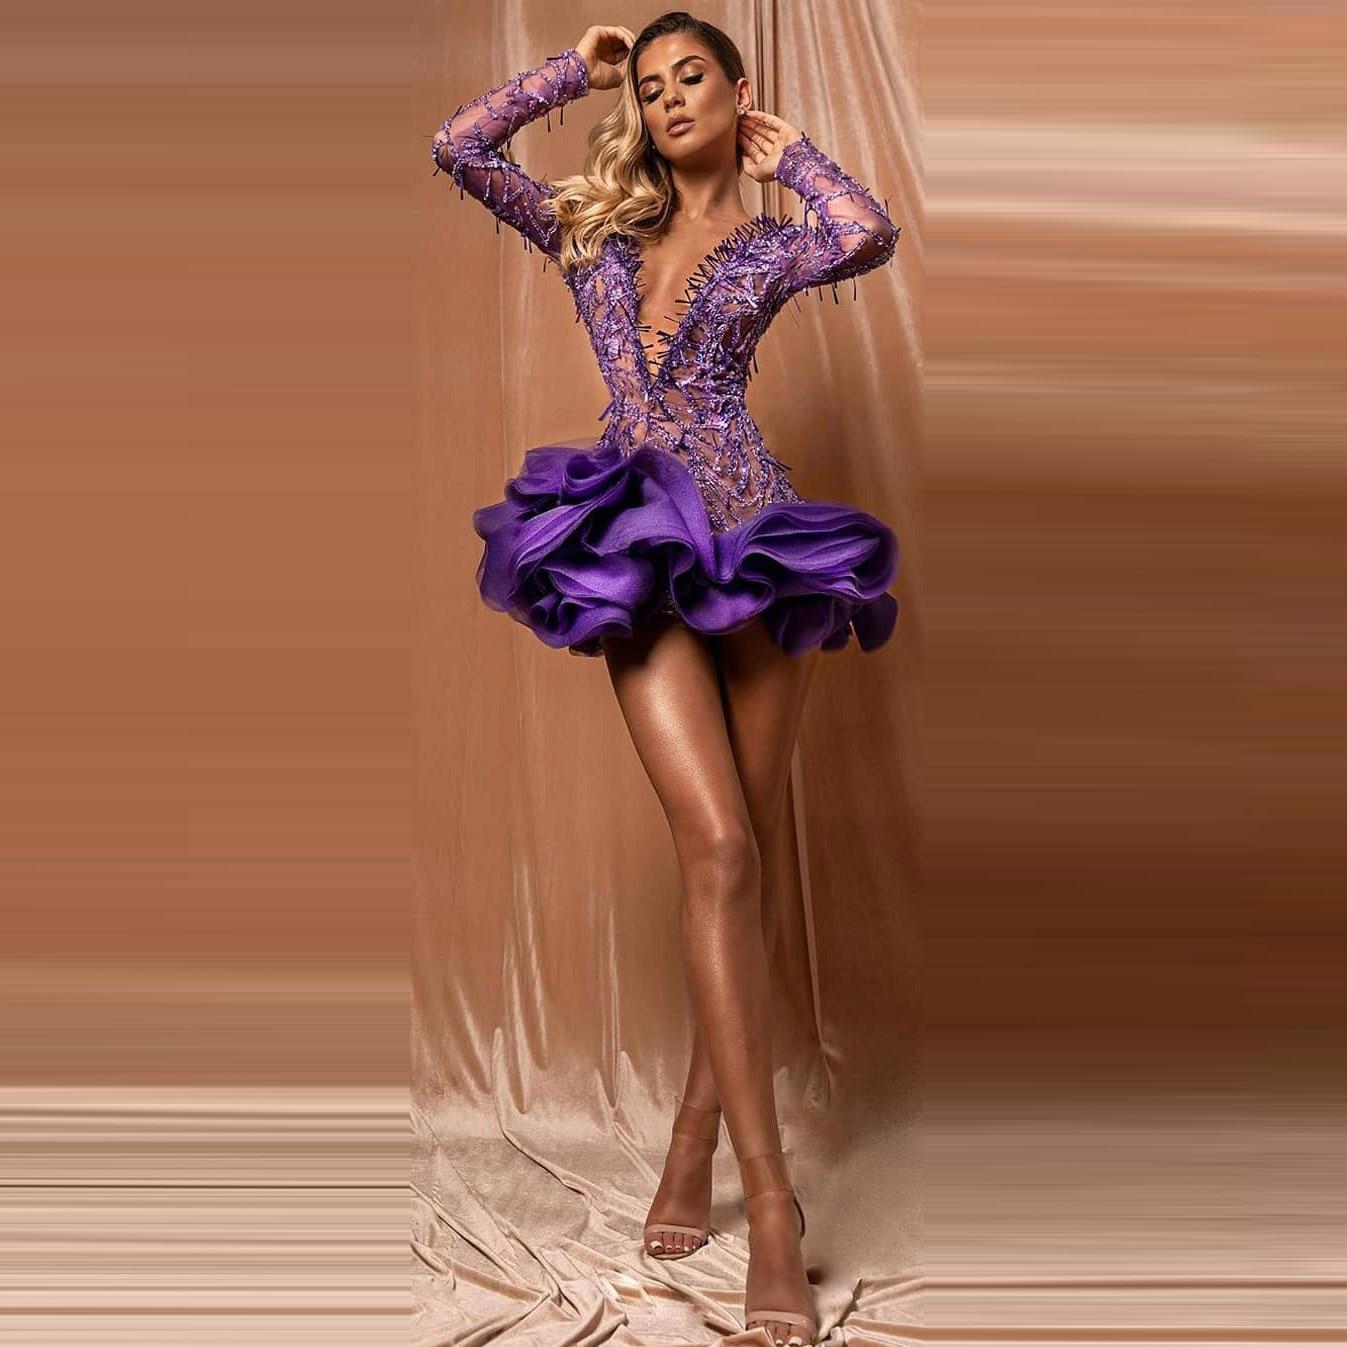 فستان سهرة قصير ومثير مع خط رقبة متدلي واكمام طويلة وظهر مفتوح ومخصص للنساء